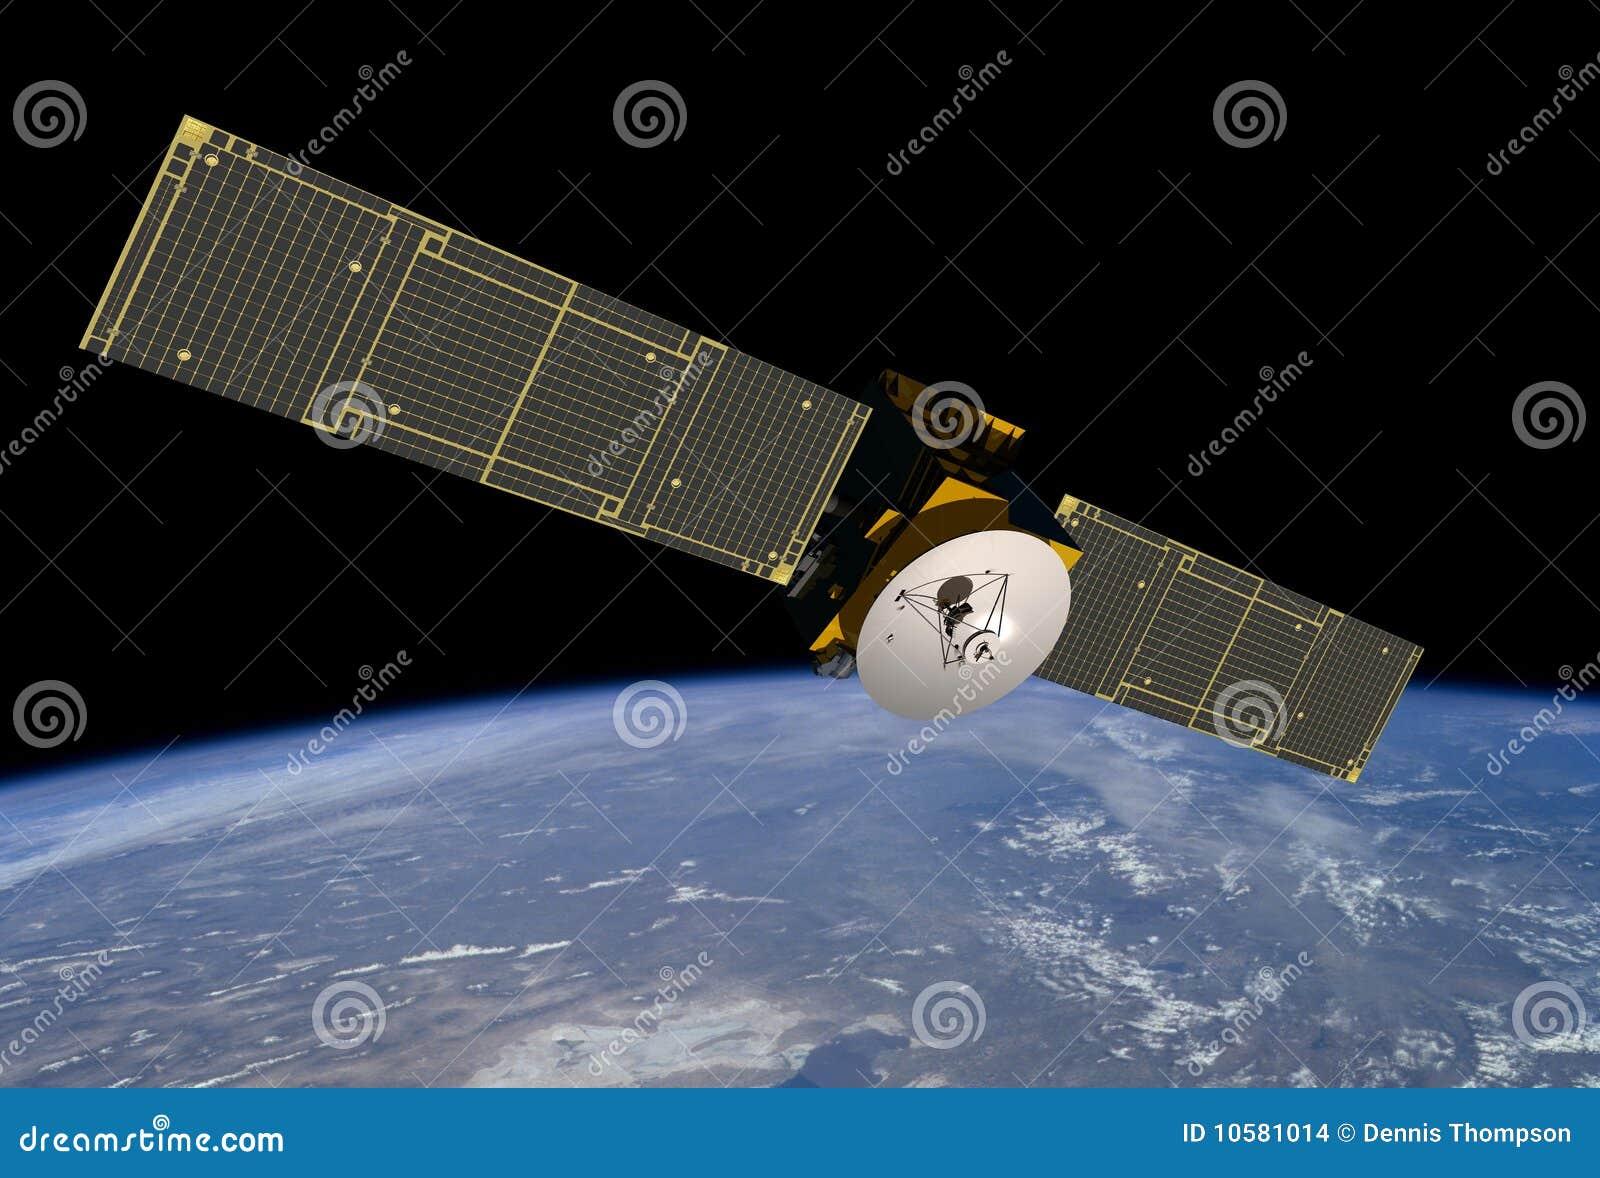 Satellit för kommersiell kommunikation